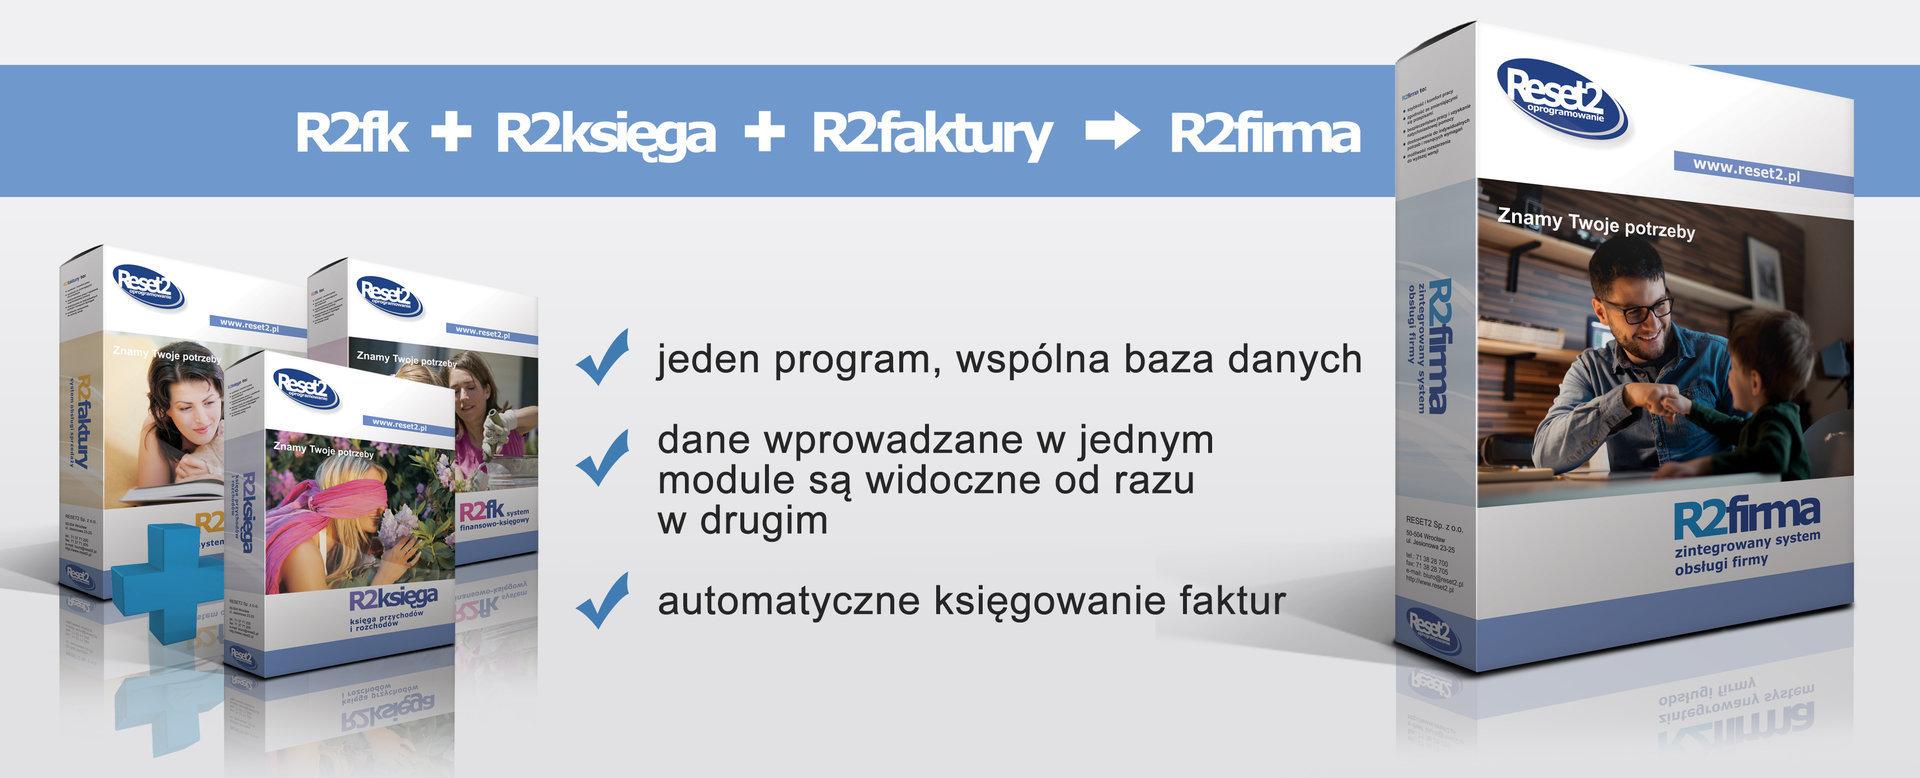 R2firma a RODO – podsumowanie zmian